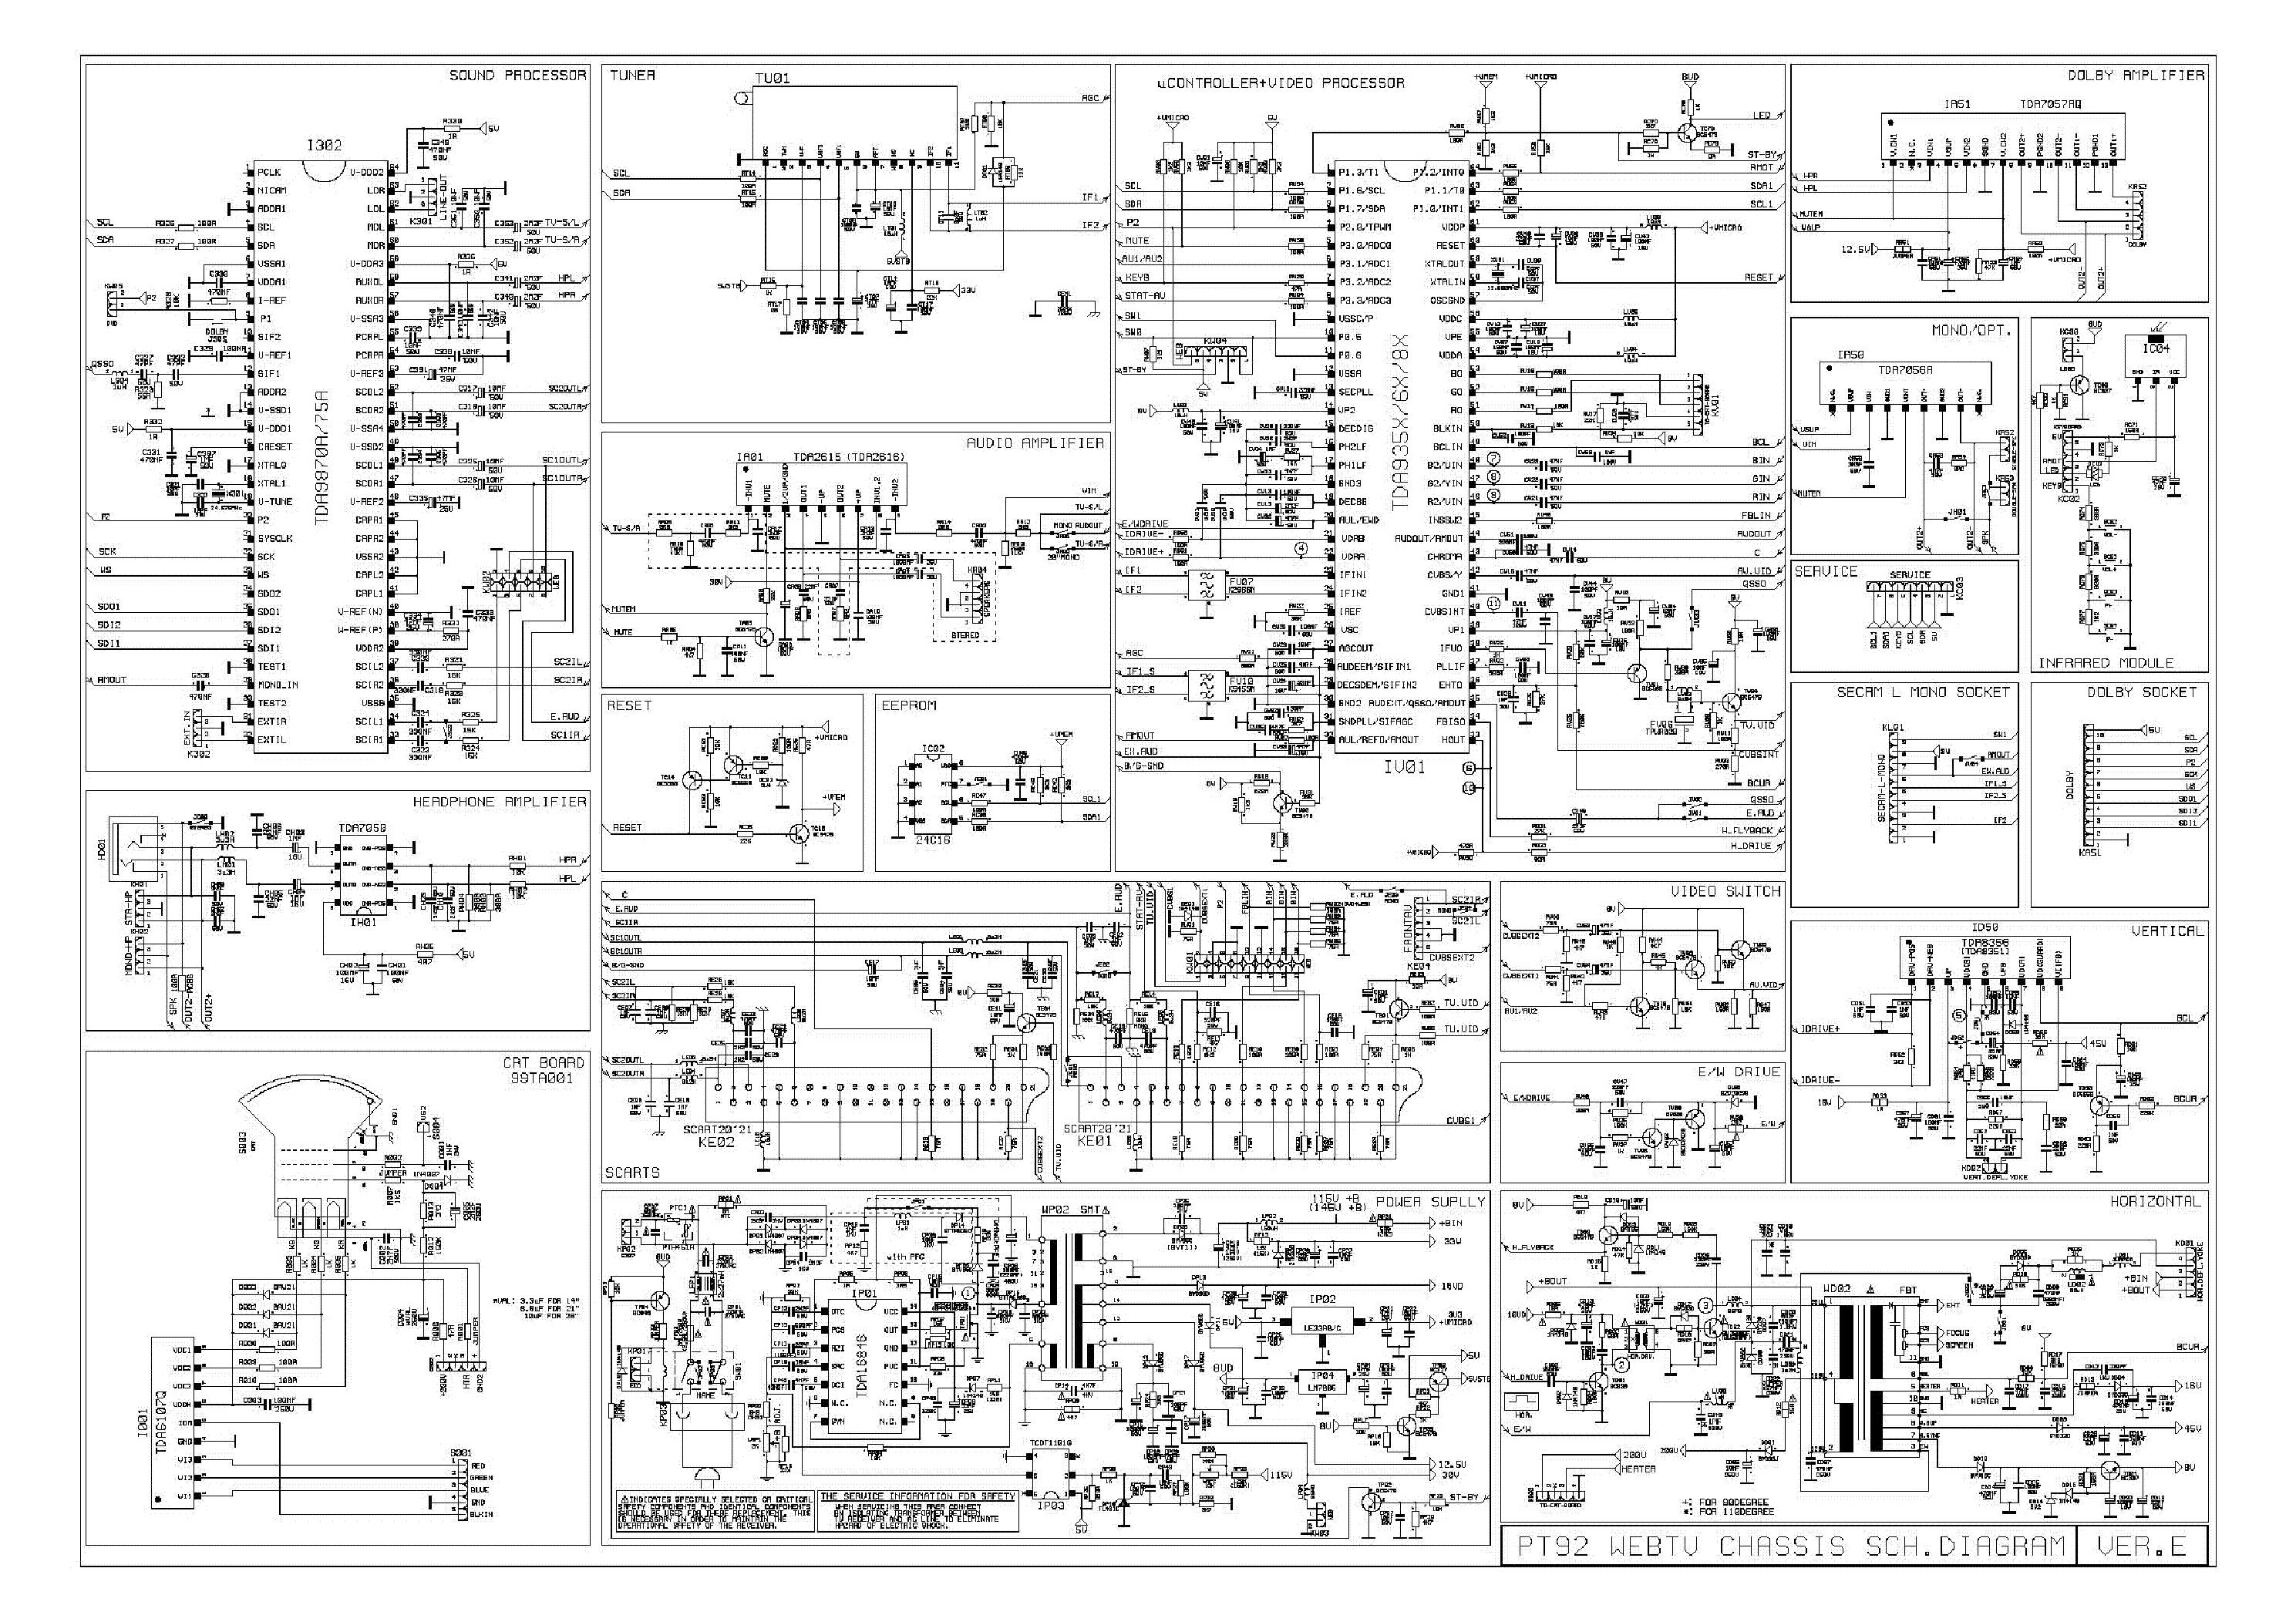 принципиальная схема телевизионной платы hx08ta002m